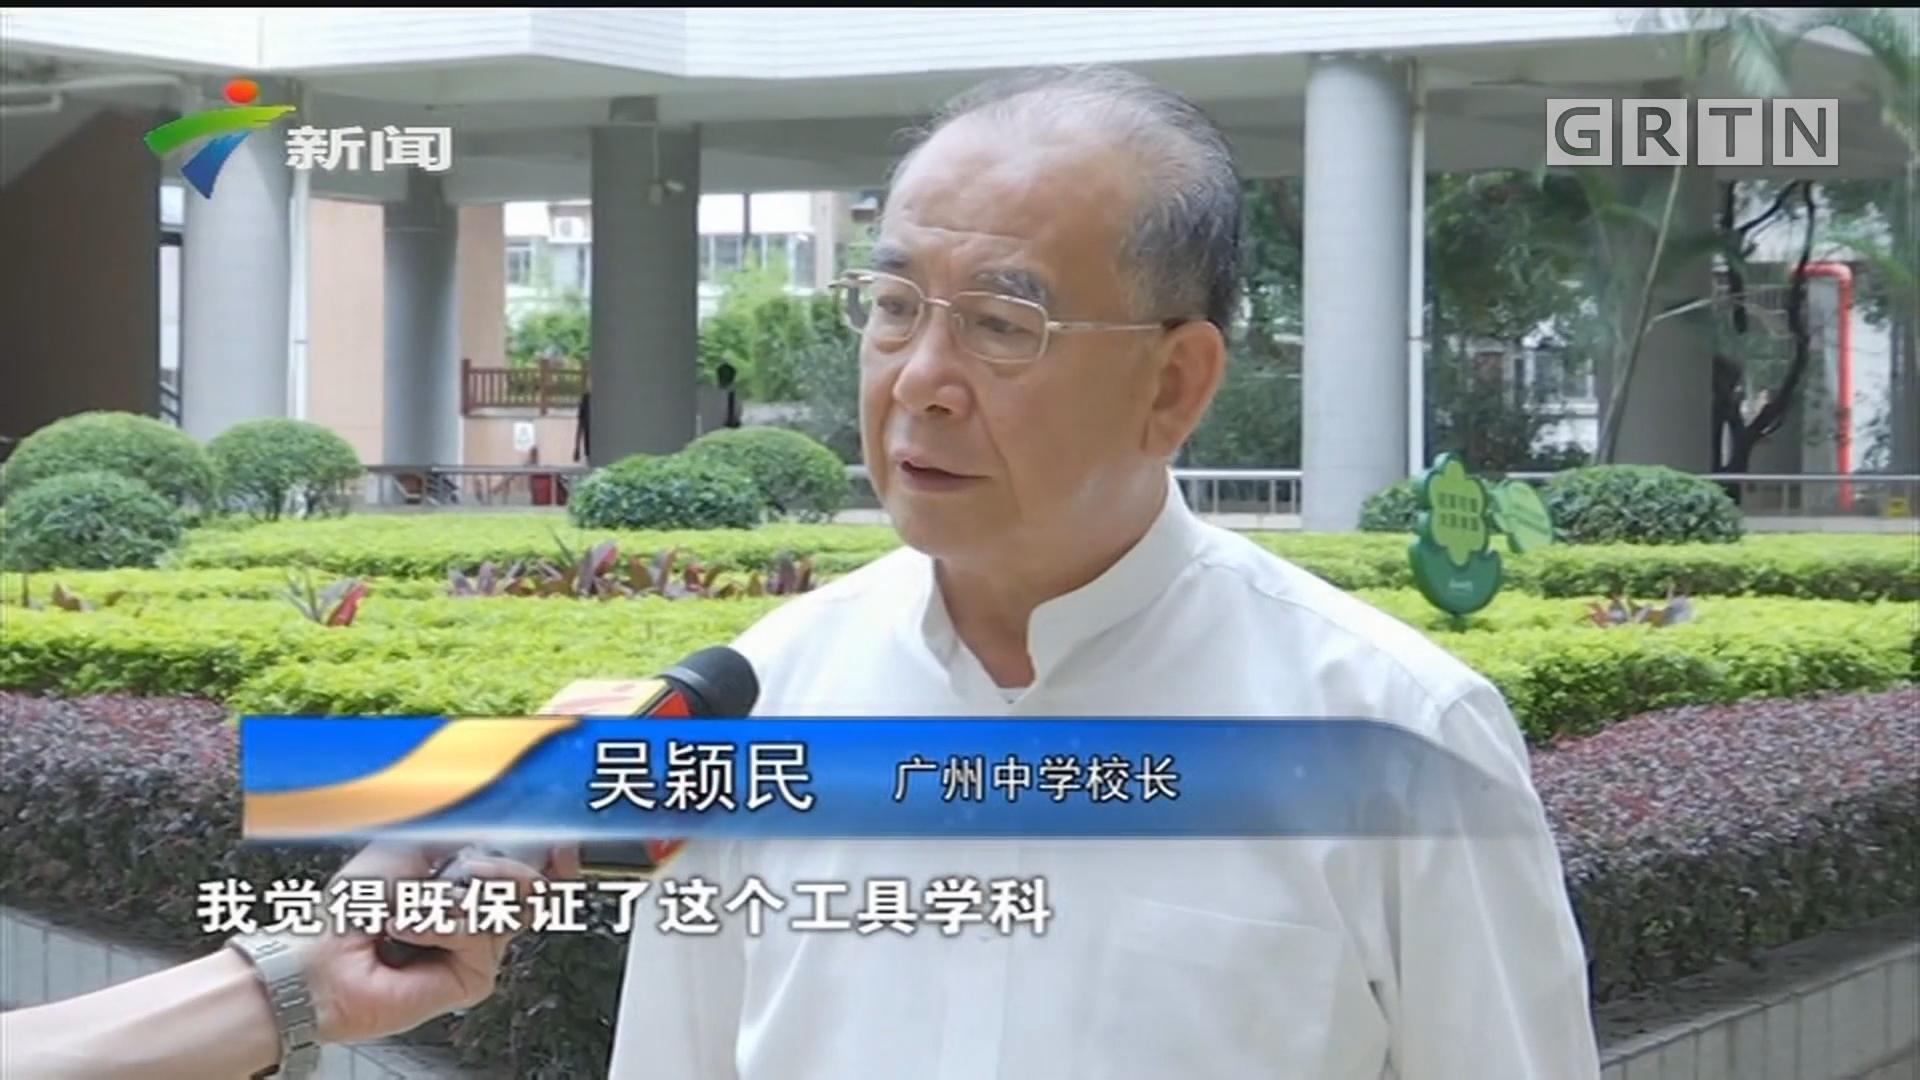 [HD][2019-06-23]权威访谈:广东:推进高考改革 公平科学选才